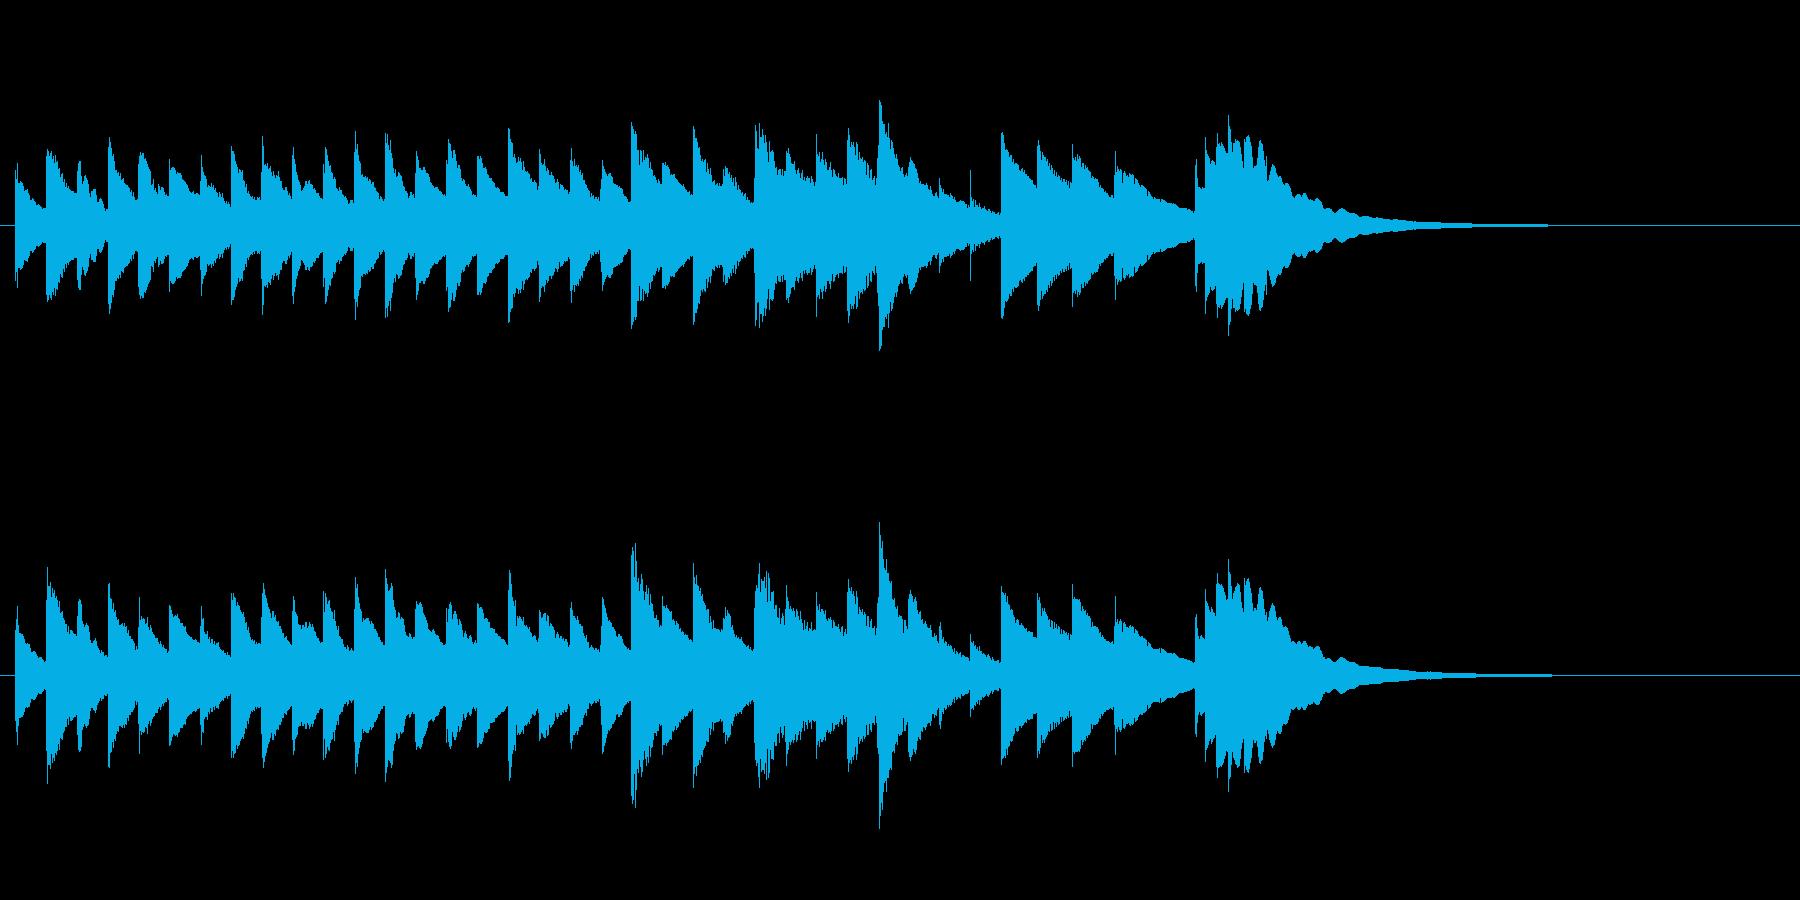 切ない系・きらきら・オルゴールジングルの再生済みの波形